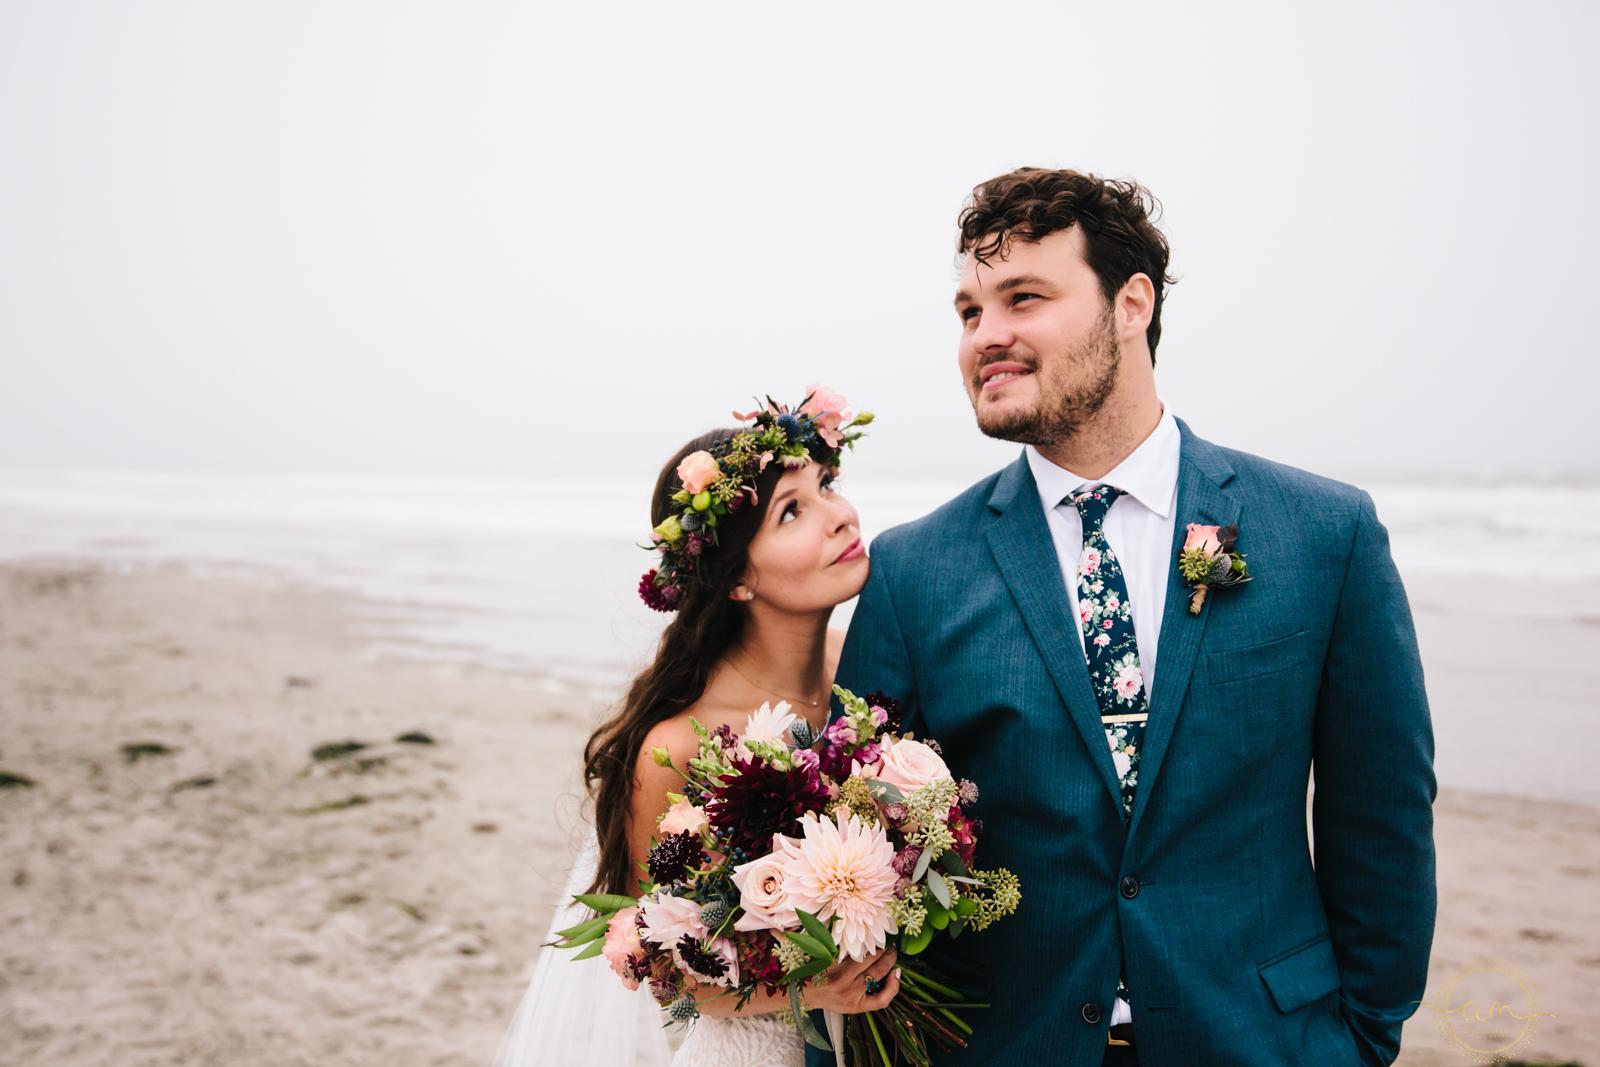 Narragansett-RI-Beach-Wedding-Amanda-Morgan-59.jpg